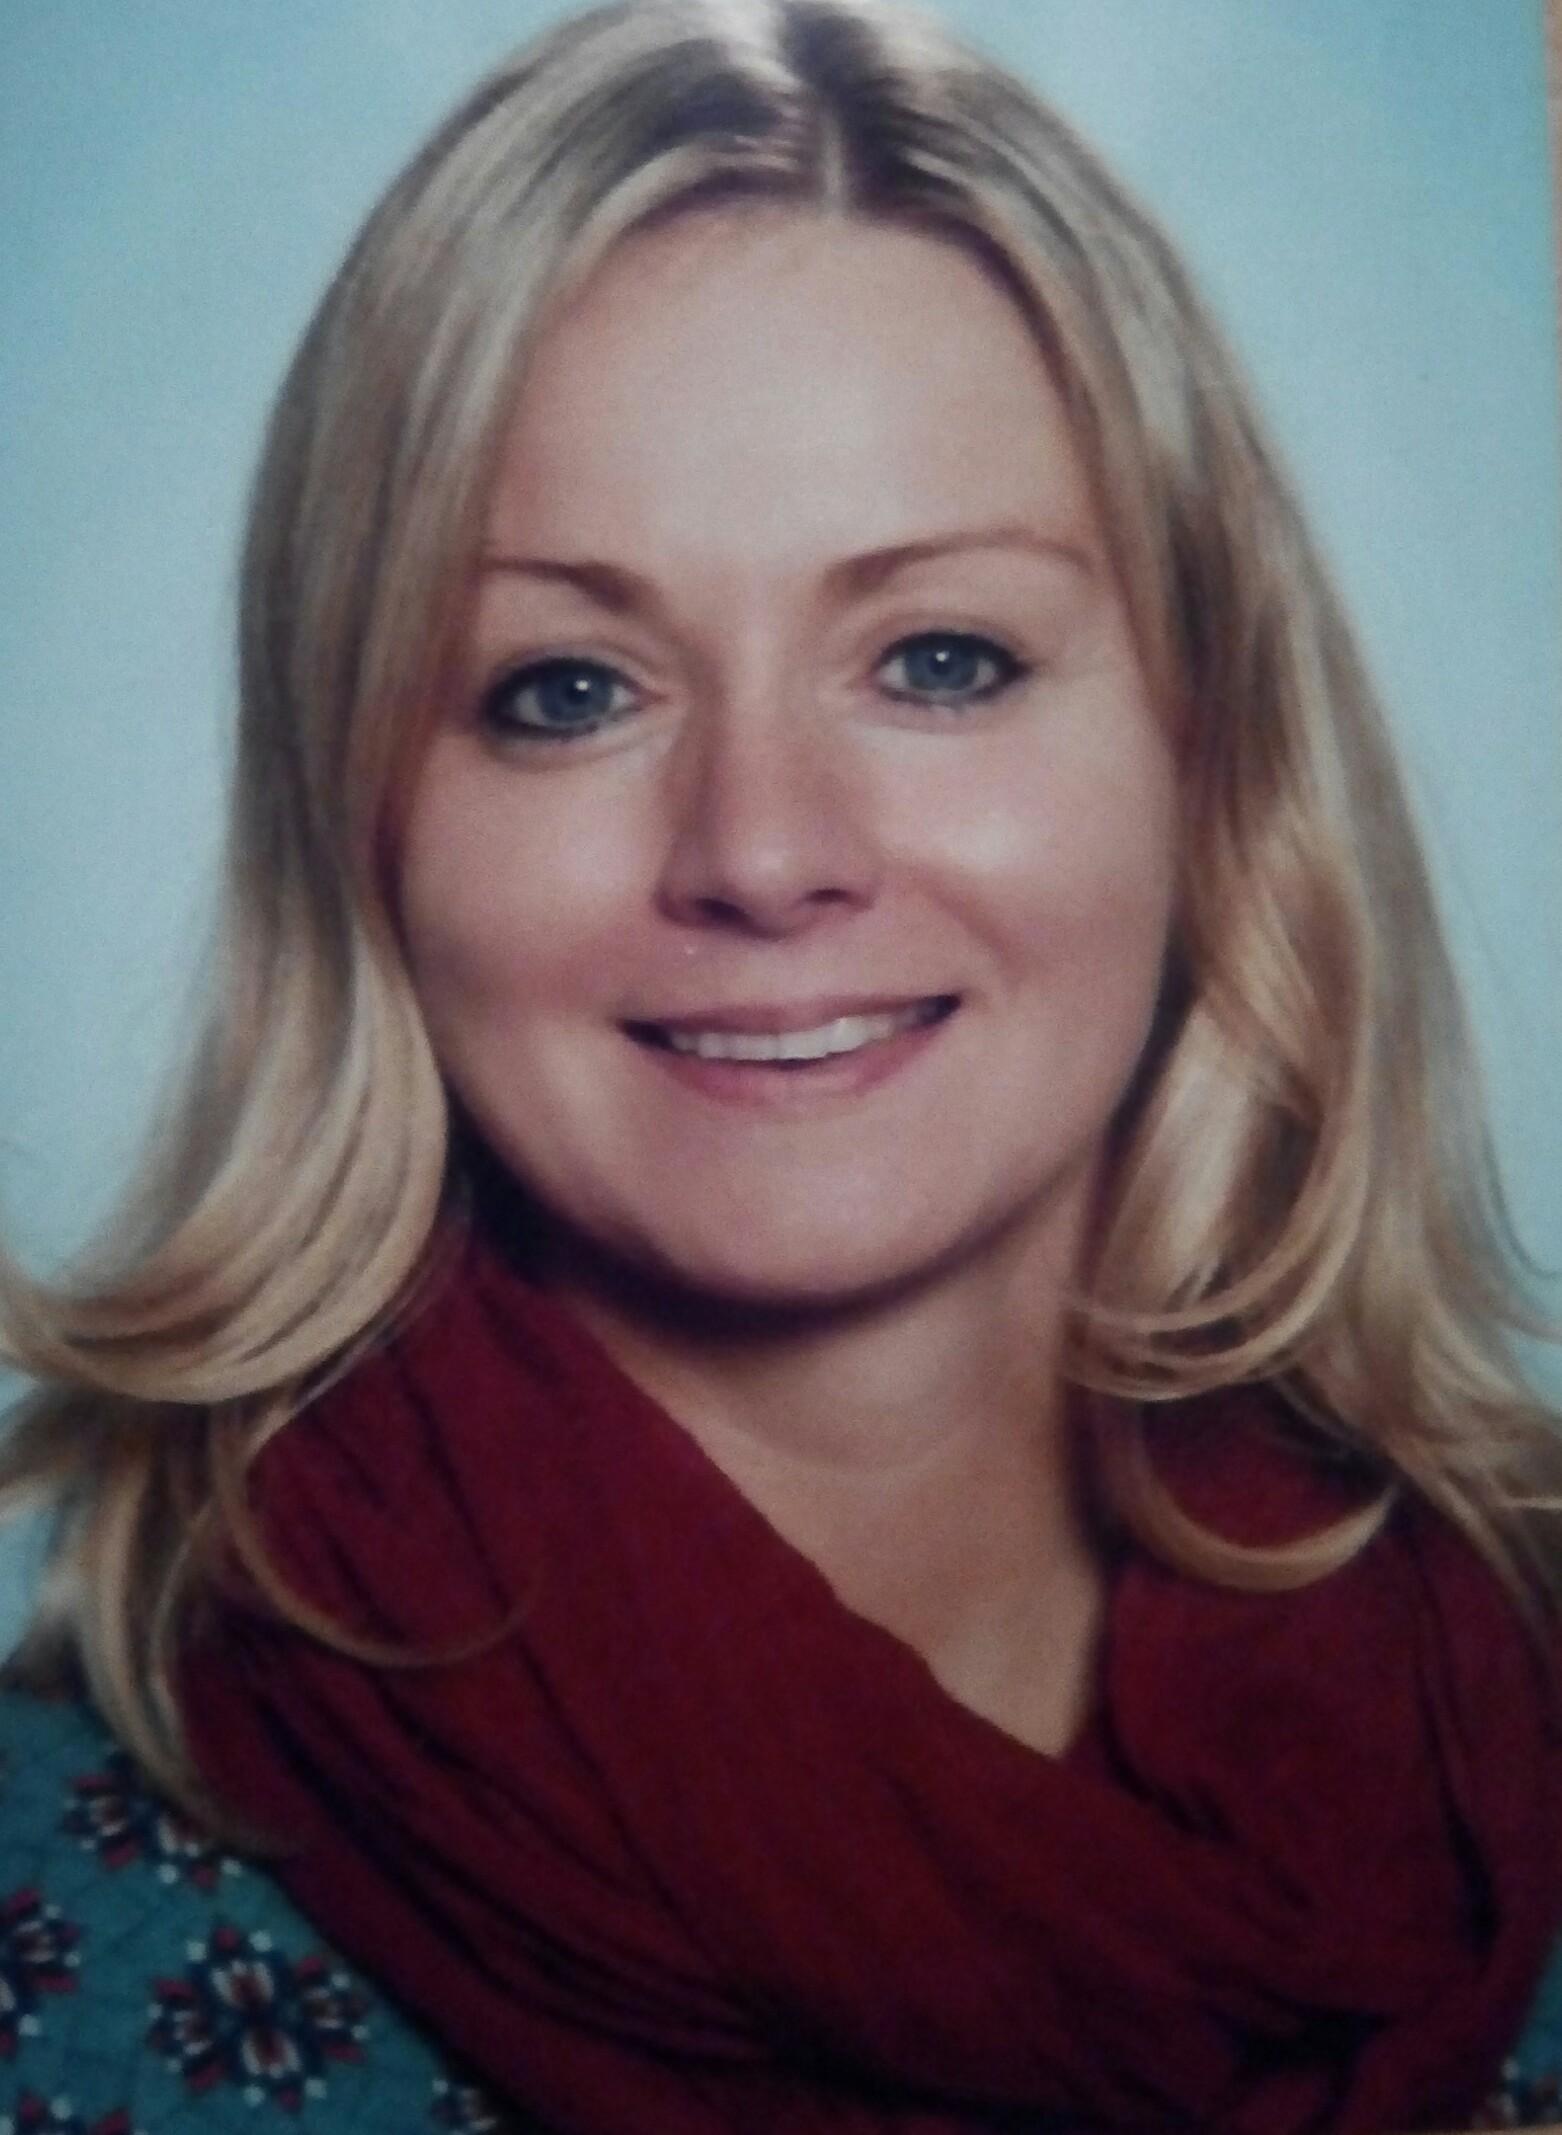 Stefanie Küster